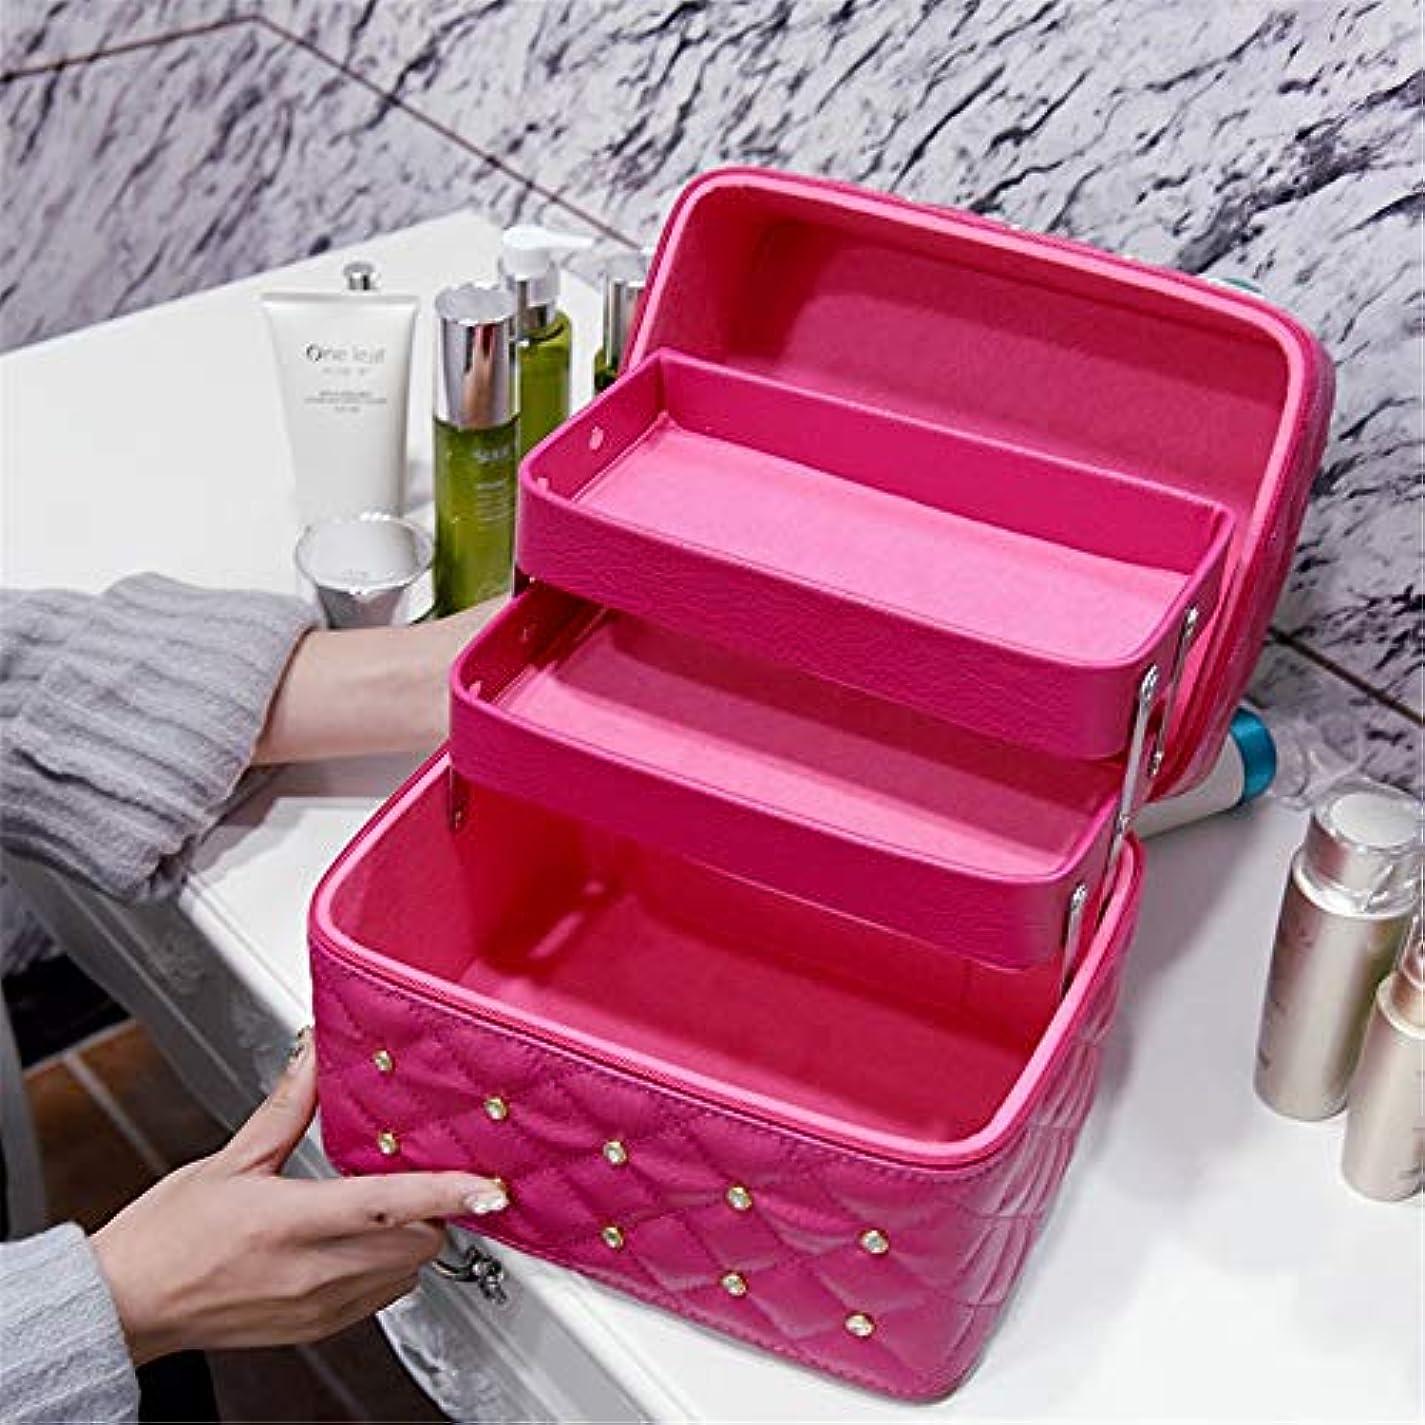 ストレッチ資産問題化粧オーガナイザーバッグ メイクアップトラベルバッグPUレター防水化粧ケースティーン女の子の女性のアーティストのための 化粧品ケース